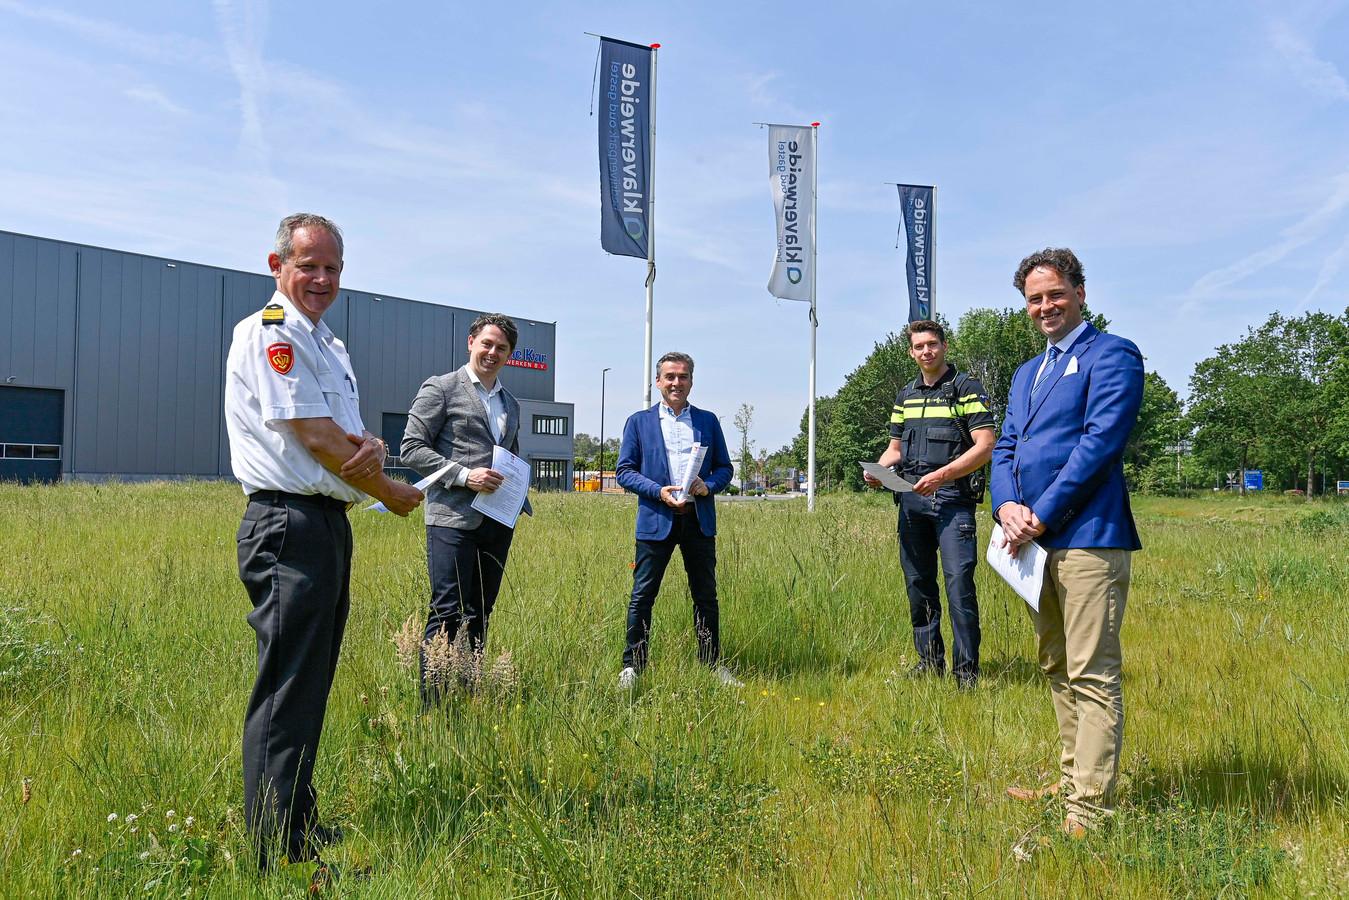 Ondertekening voor bedrijventerrein Klaverweide. In het midden parkeigenaar Willem van Ginneken, rechts burgemeester Bernd Roks.